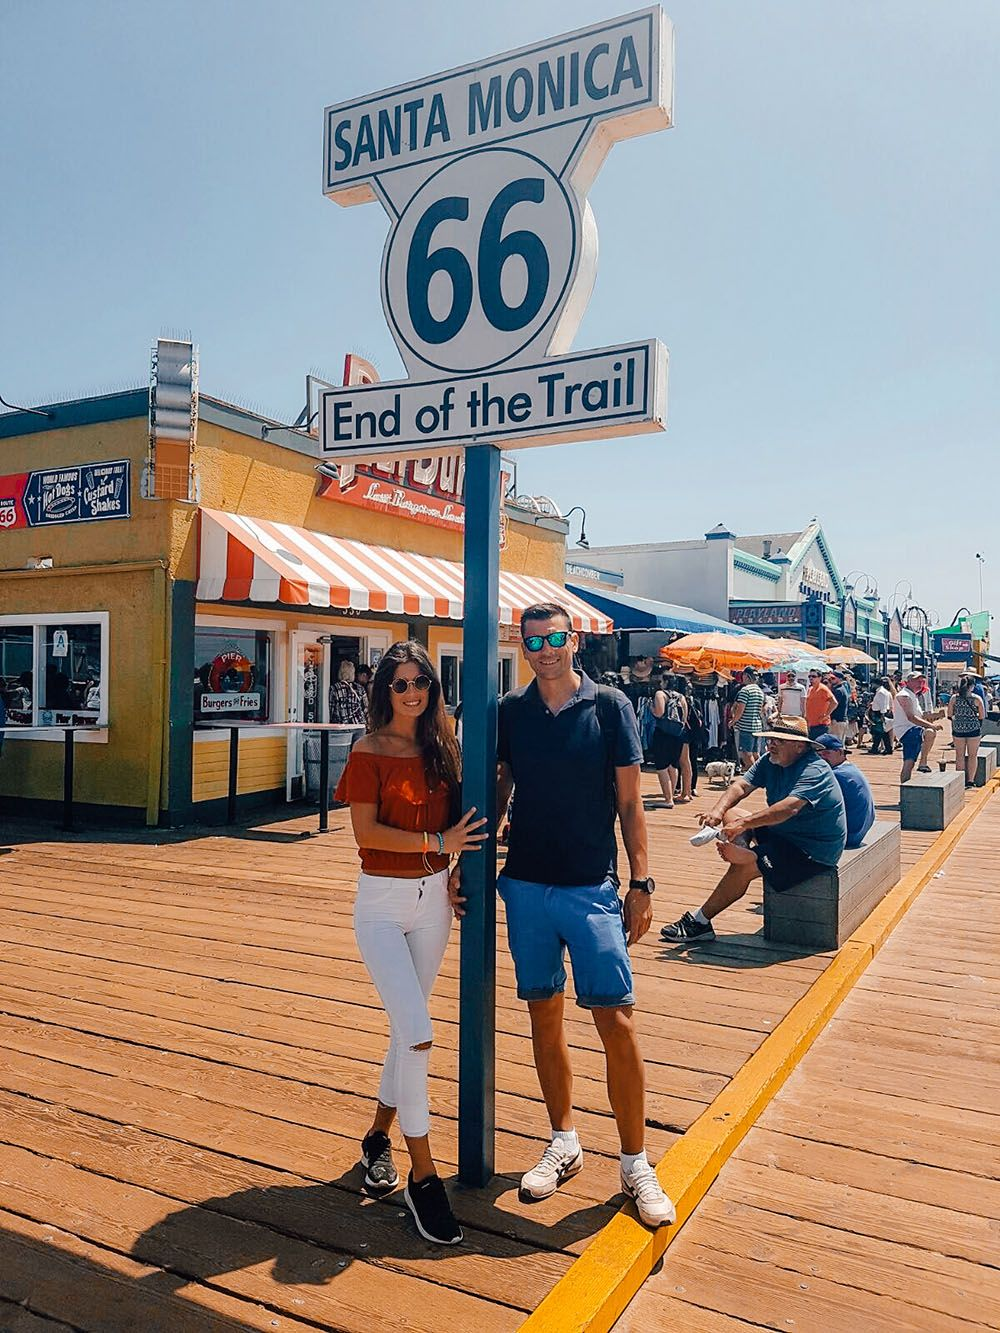 Muelle de Santa Monica, con la señal del final de la ruta 66